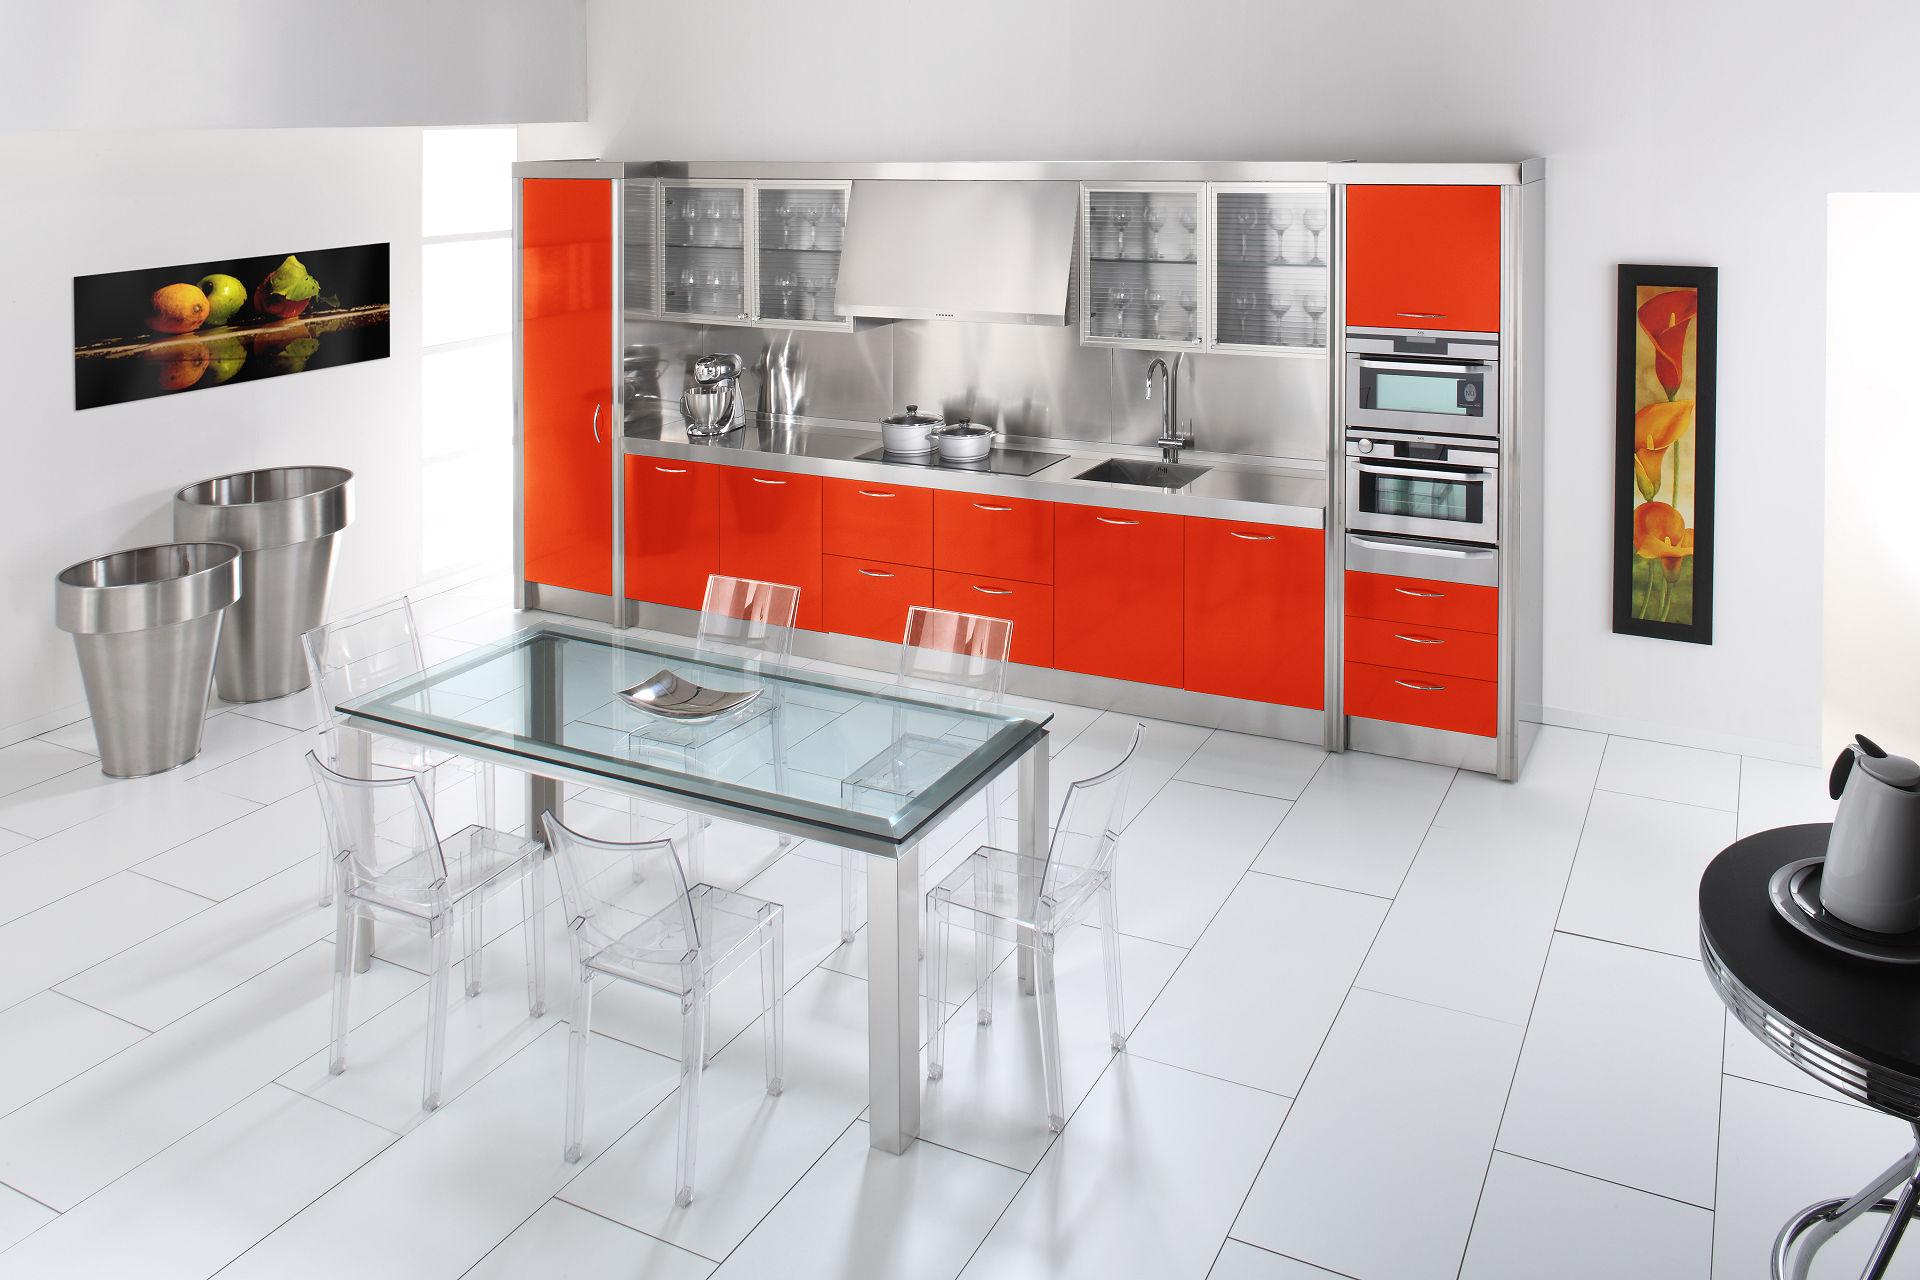 Arca Cucine Italia - Cucine Domestiche in Acciaio Inox - 15 - Essex - Rosso